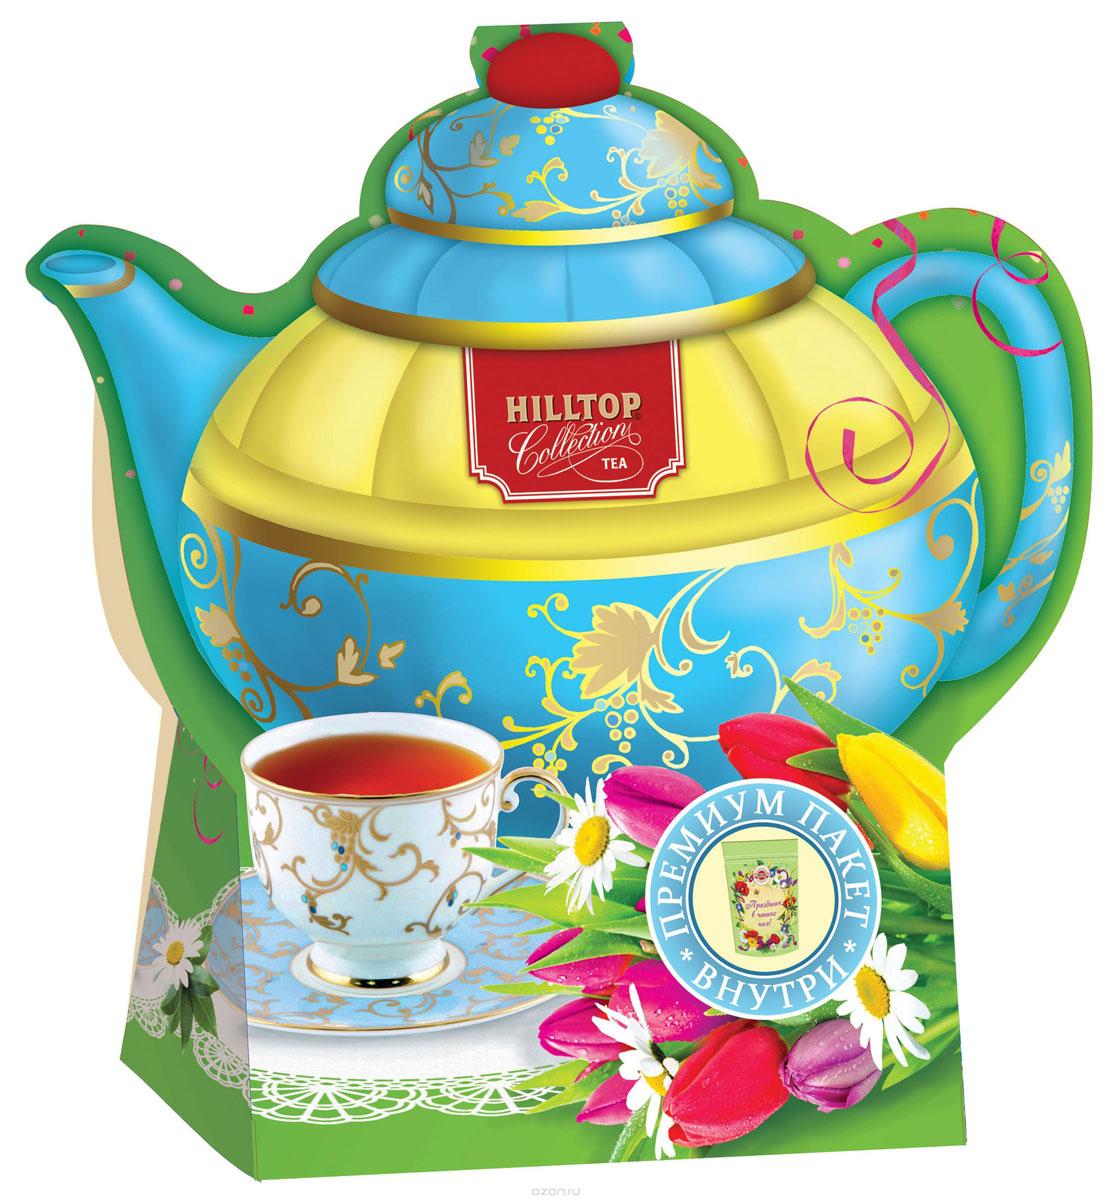 Hilltop Подарок Цейлона черный листовой чай, 80 г (чайник Тюльпаны)1158-08Крупнолистовой цейлонский черный чай Hilltop Подарок Цейлона с глубоким, насыщенным вкусом и изумительным ароматом. Благодаря красивой праздничной упаковке вы можете подарить этот прекрасный чай своим друзьям и близким.